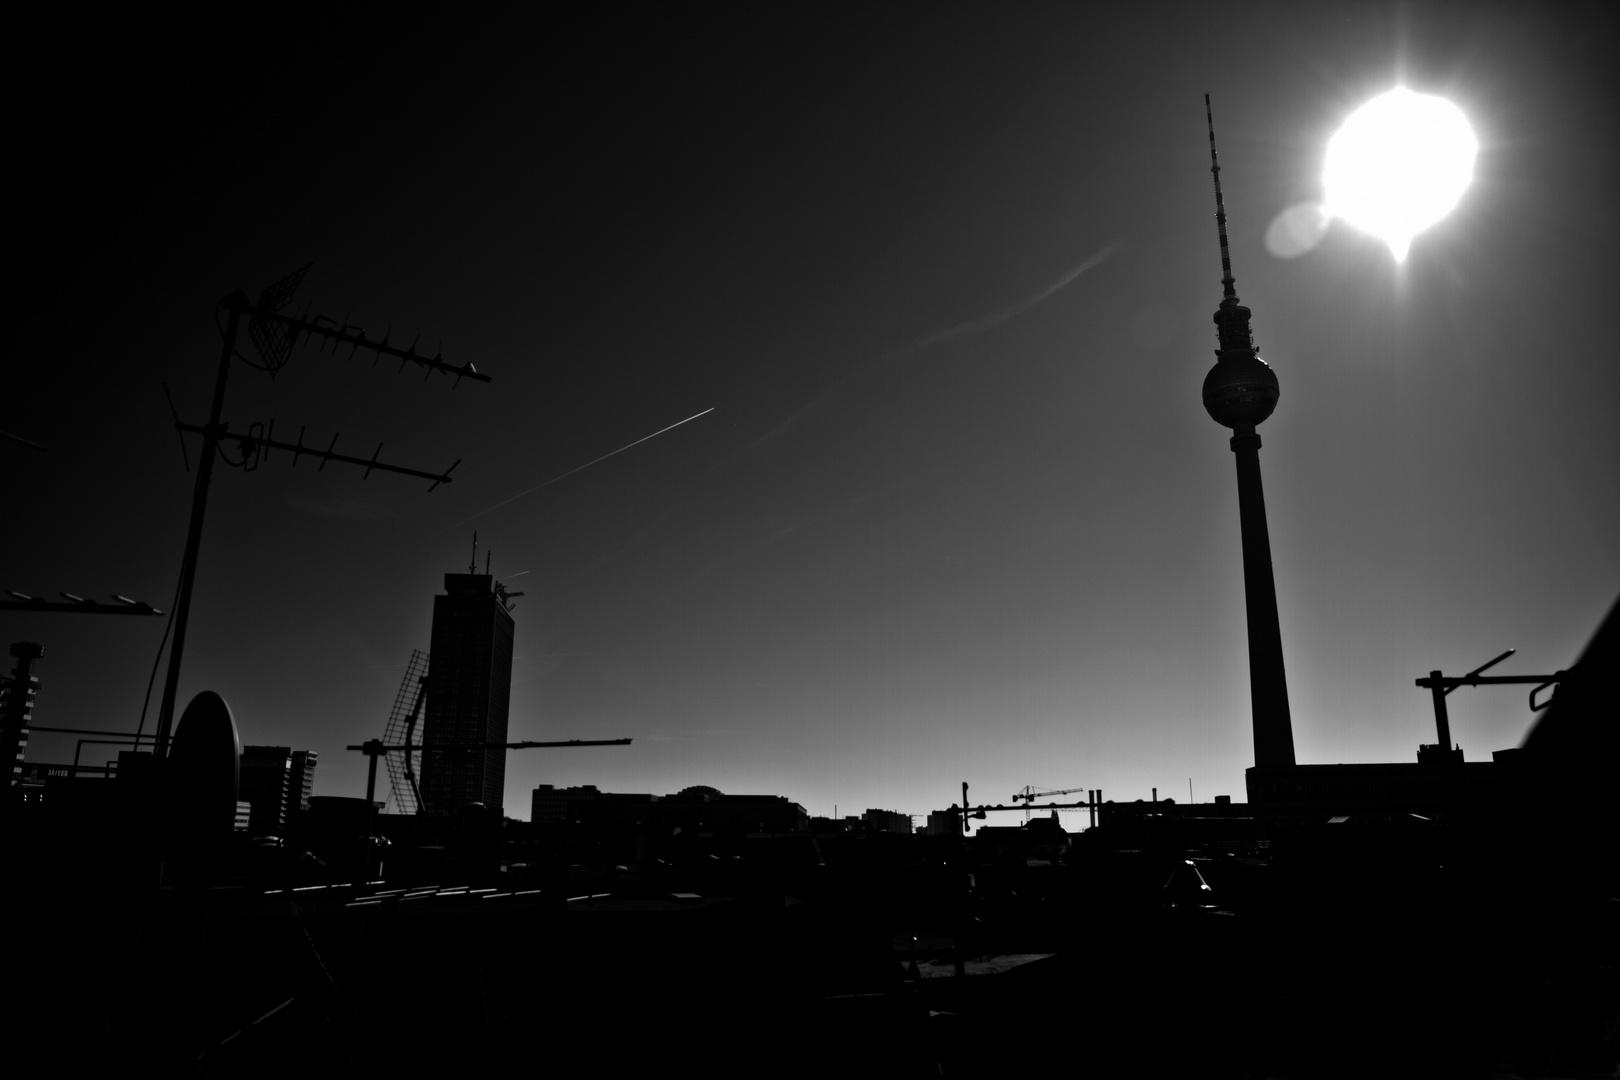 Blackturm